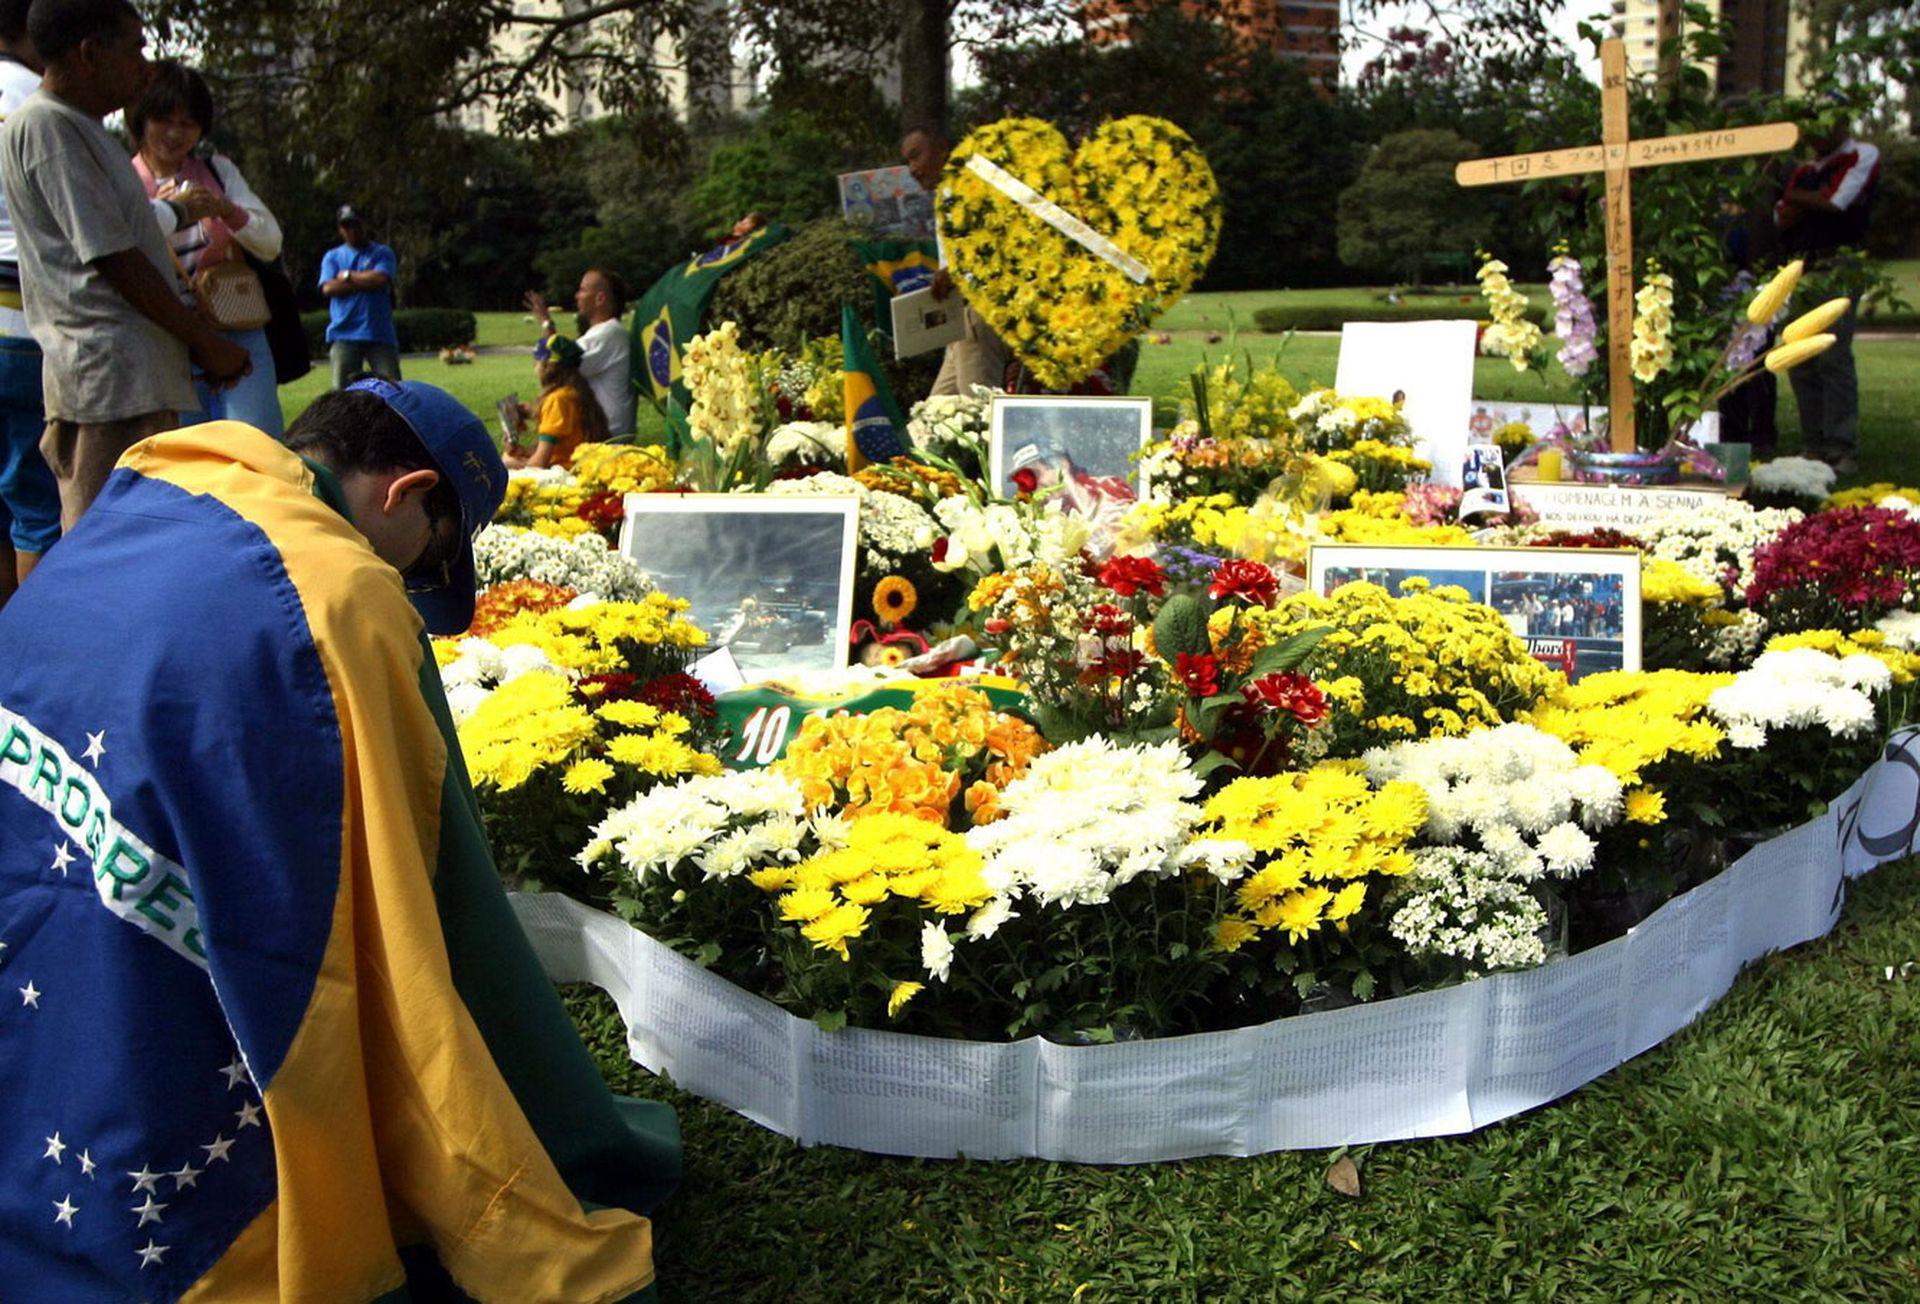 La tumba de Ayrton Senna en San Pablo: constantemente con flores de sus fanáticos